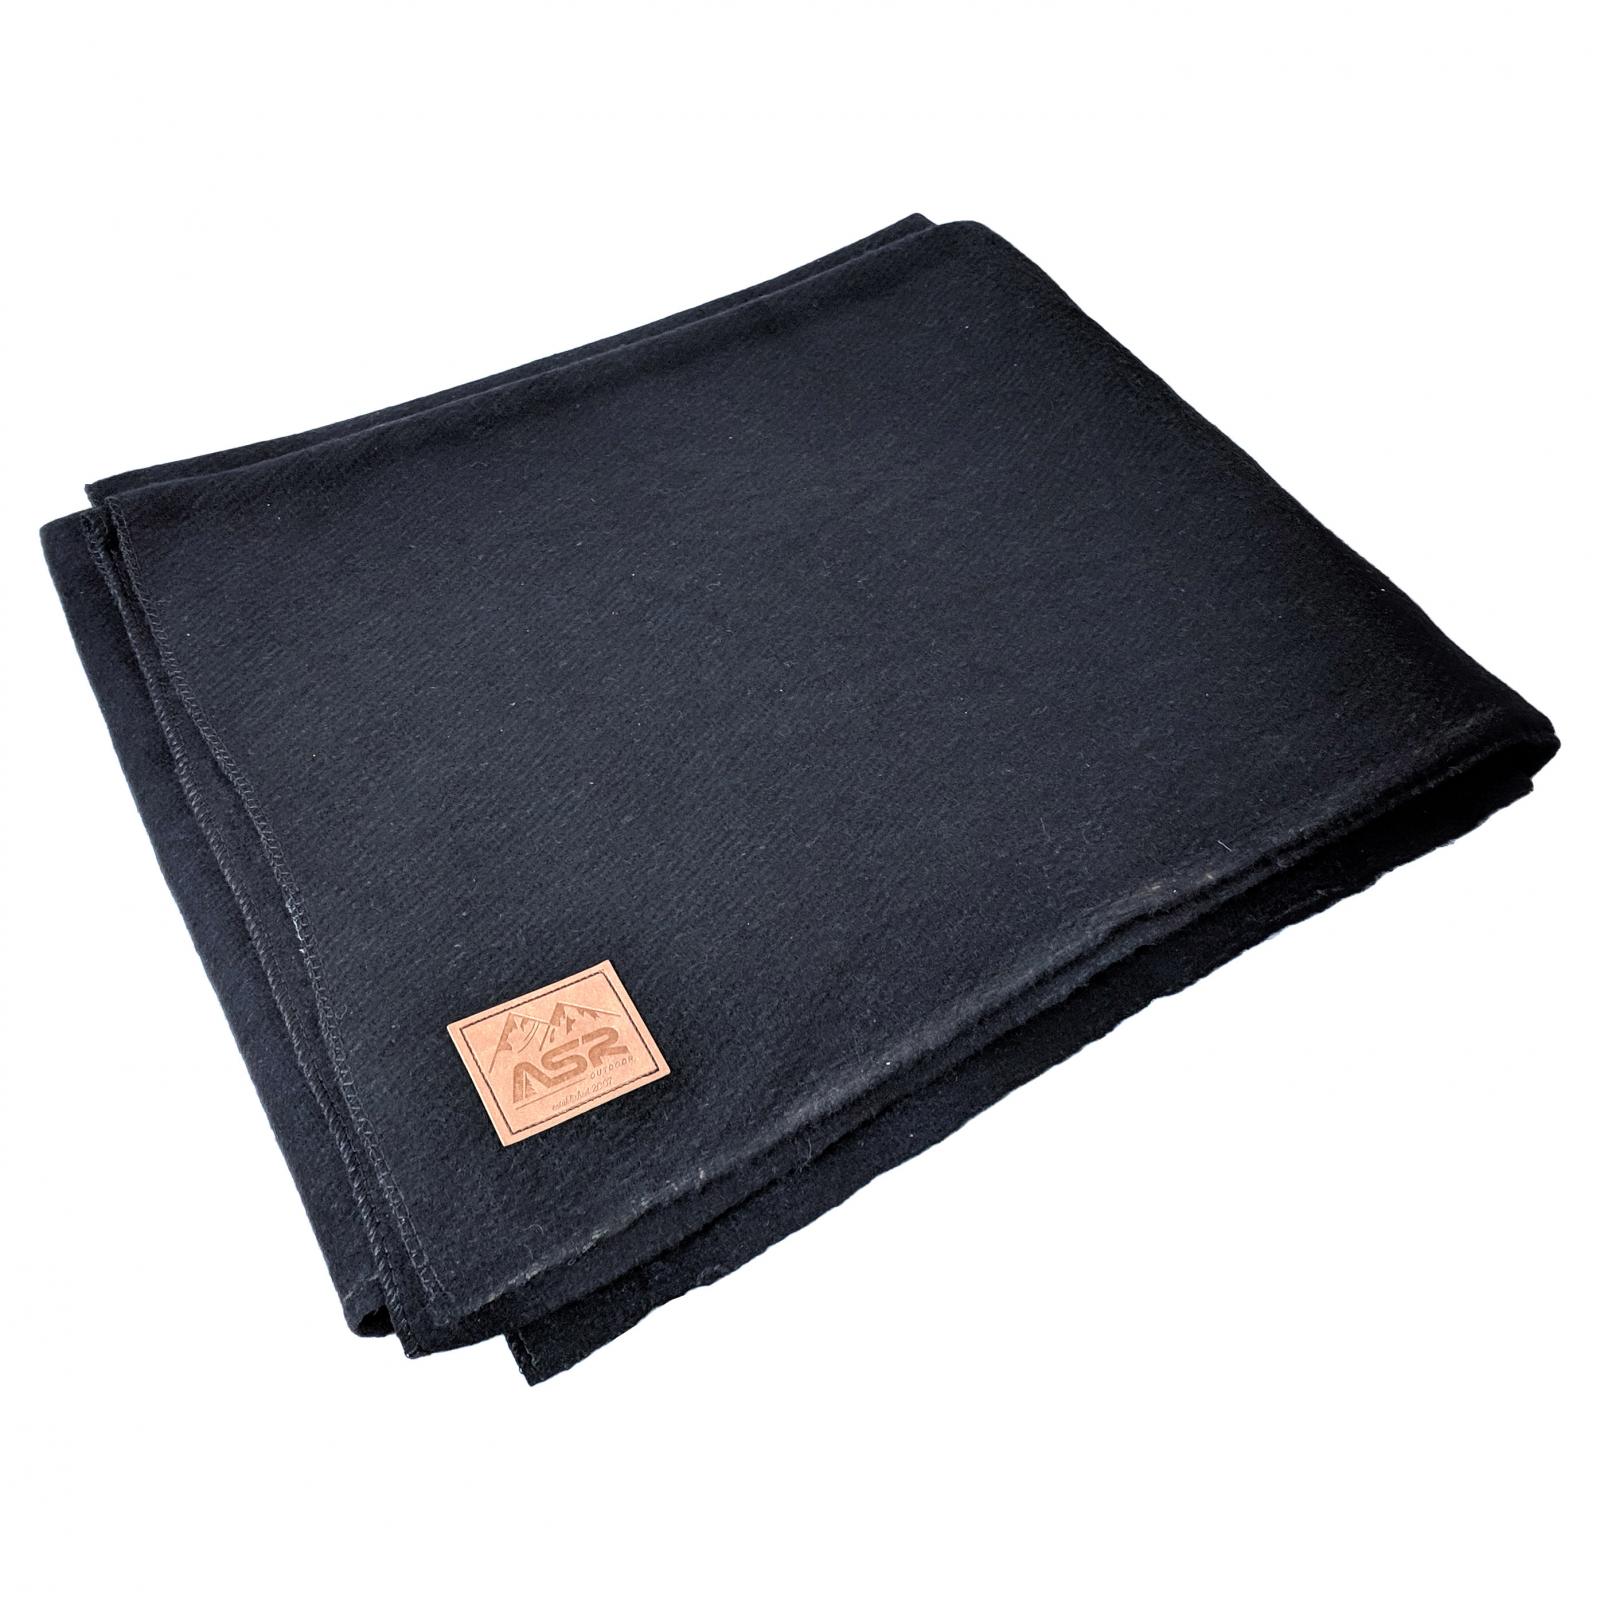 ASR Outdoor 64 inch x 84 inch Black Wool Blanket 4 Pound